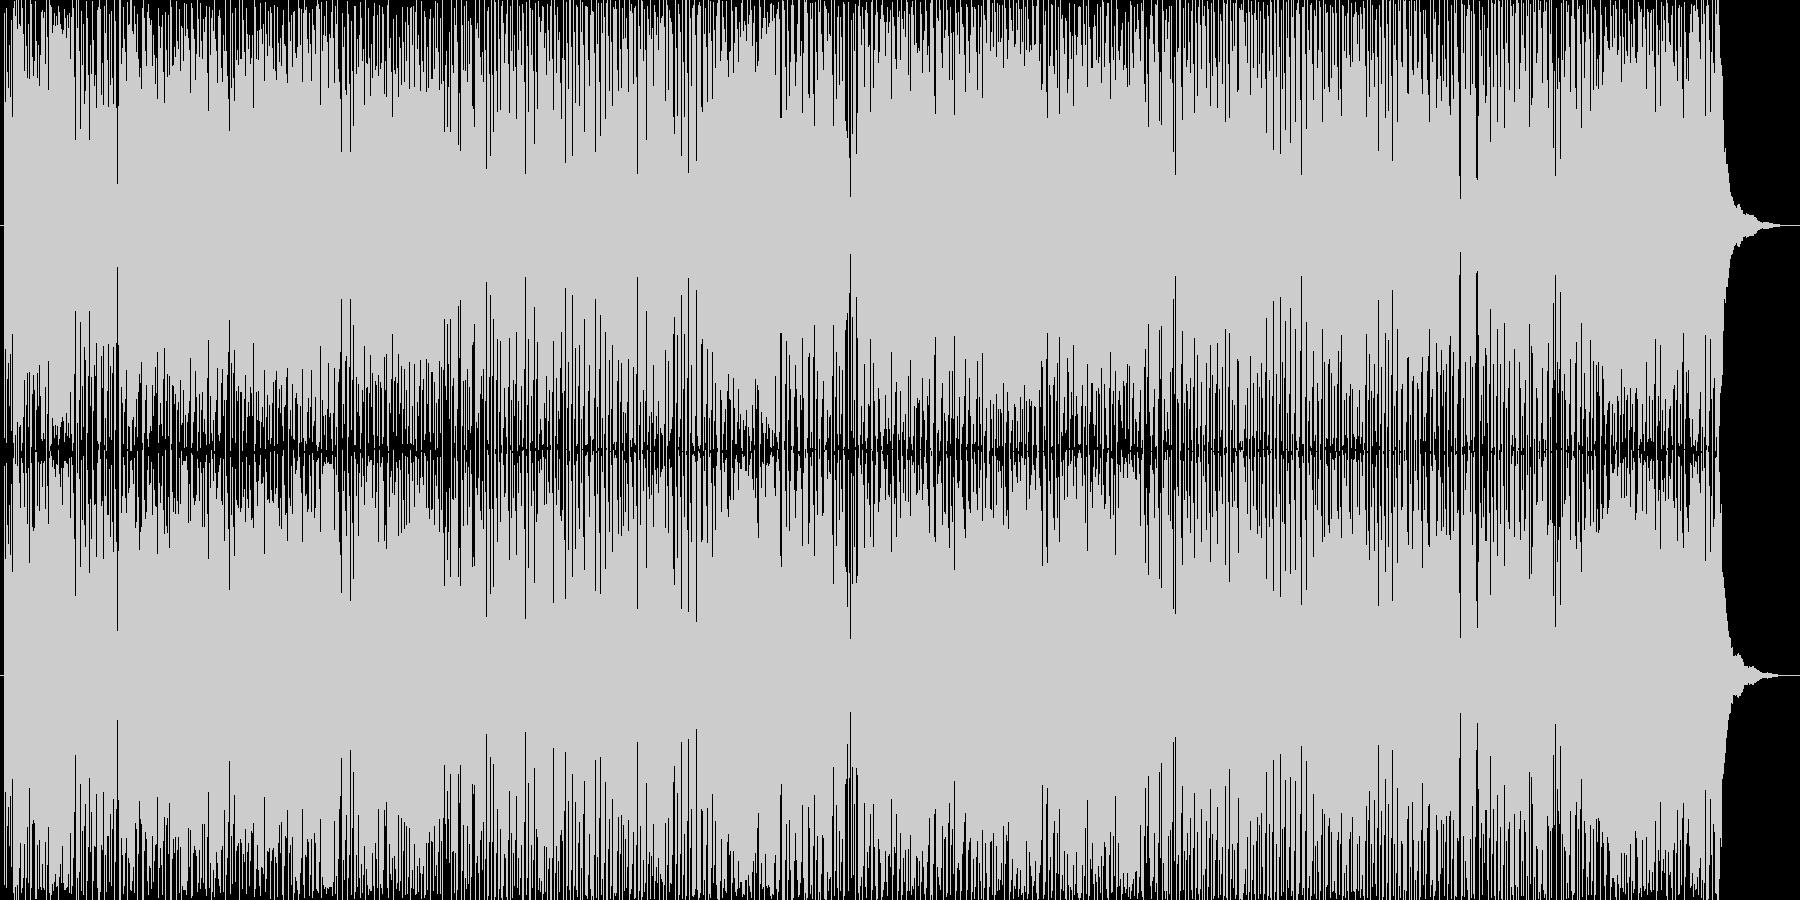 ギターのストロークが軽快な曲の未再生の波形